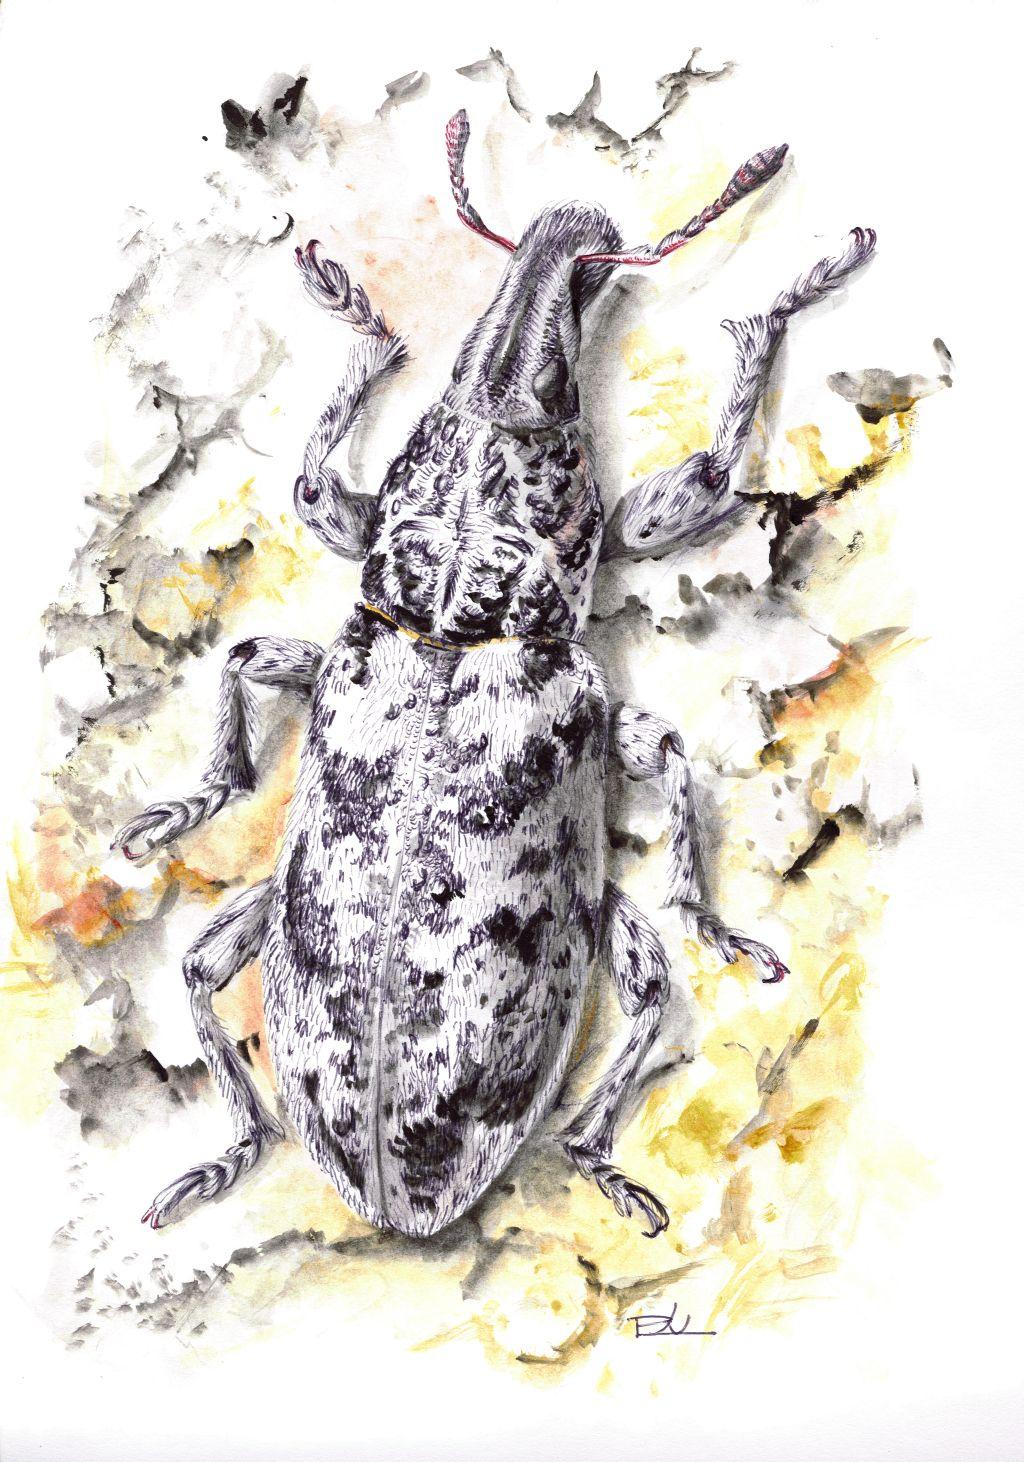 Márványos barkó (Cyphocleonus dealbatus)